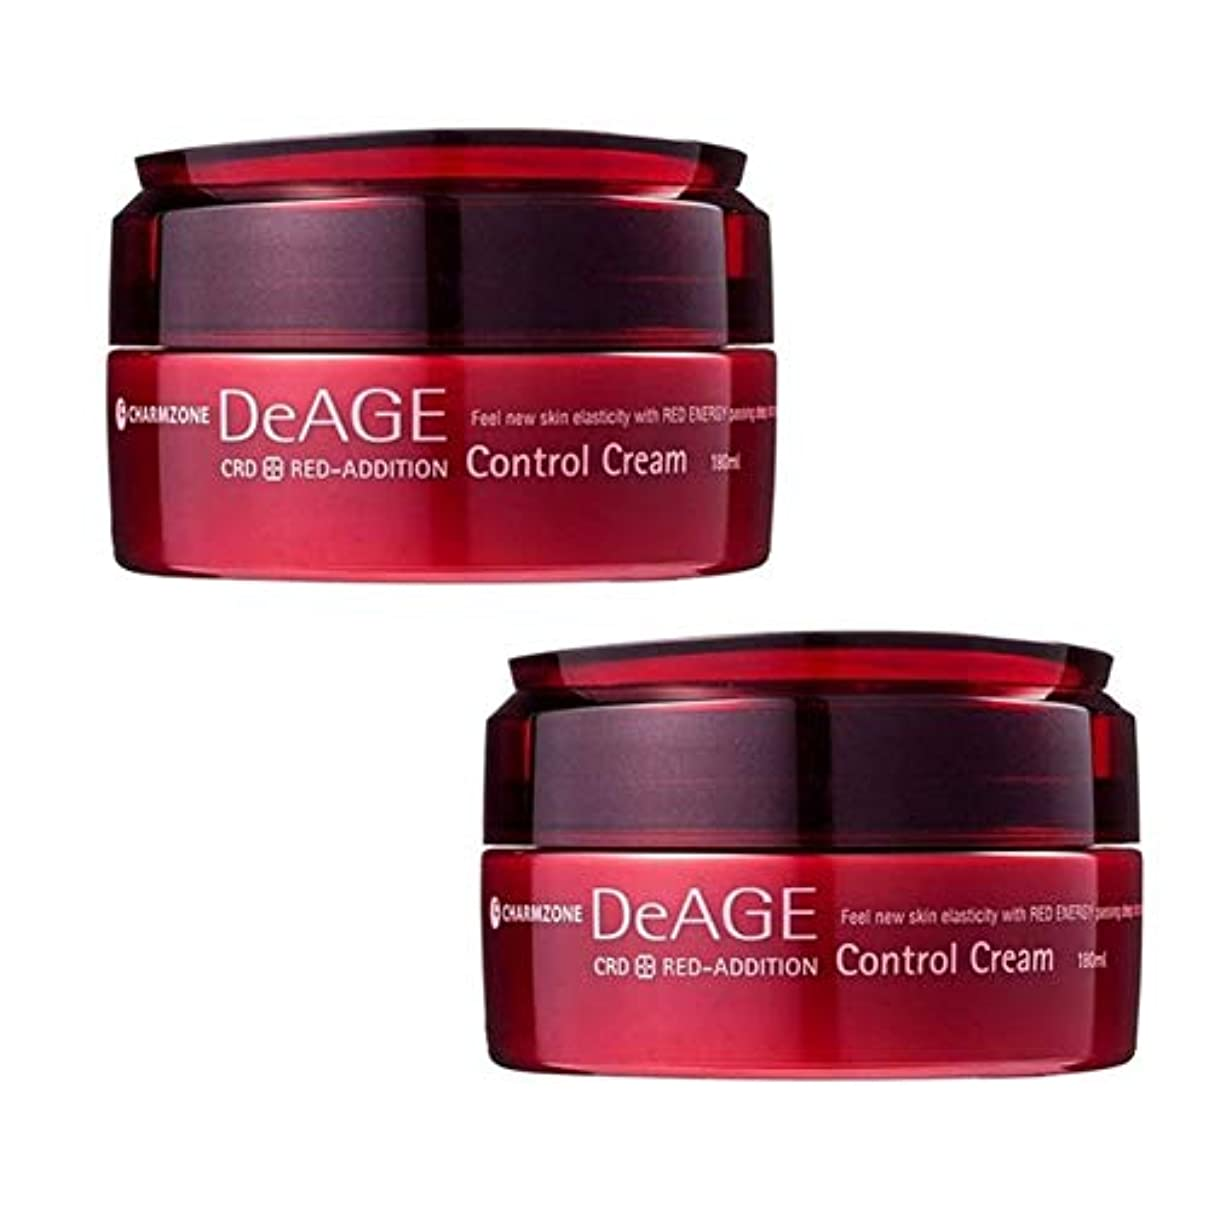 本質的ではない通貨抑制チャムジョンディエイジレッドエディションコントロールクリーム180ml x 2本セットマッサージクリーム、Charmzone DeAGE Red-Addition Control Cream 180ml x 2ea Set...